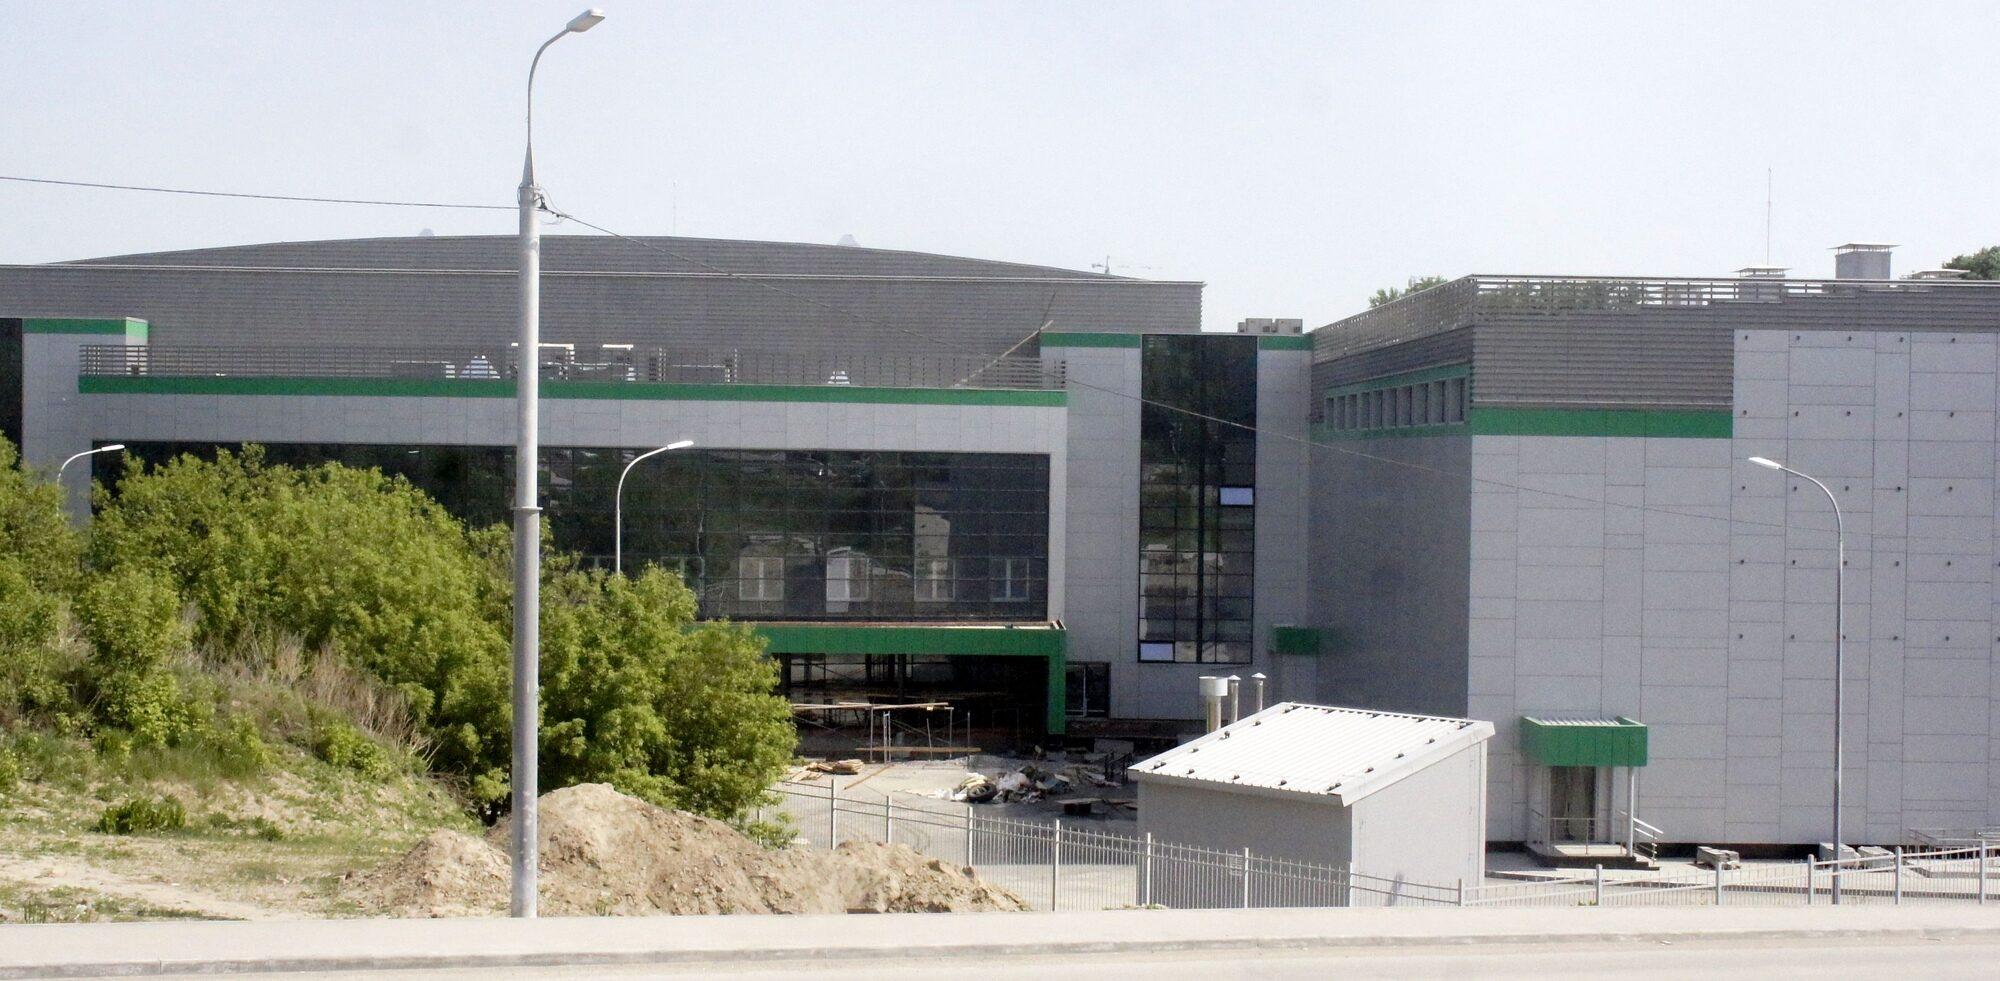 Строящийся центр волейбола в Новосибирске. Фото автора